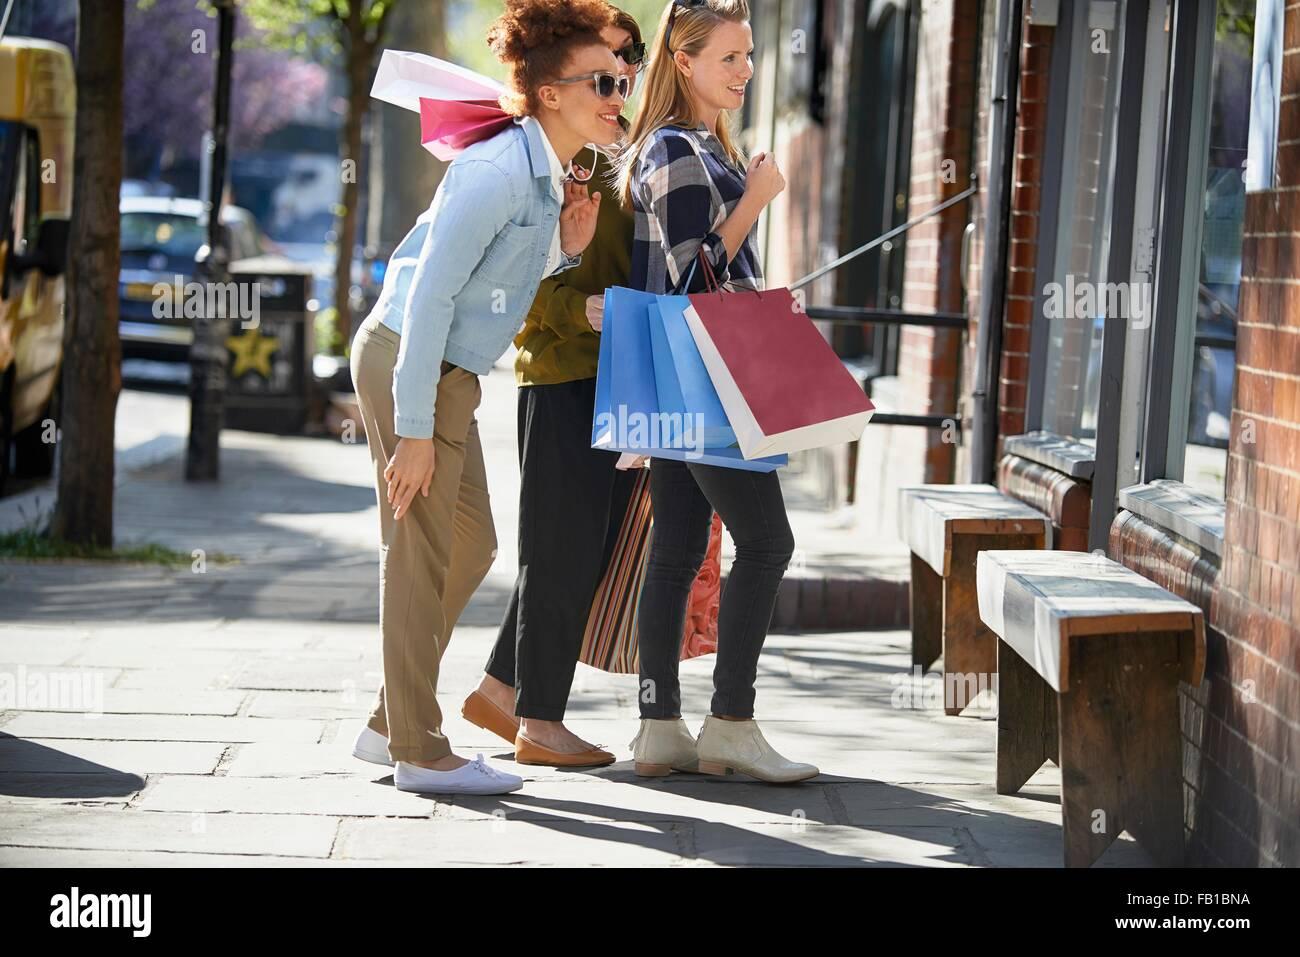 Seitenansicht der Frauen halten Einkaufstüten stehen in der Straße Suche im Schaufenster Stockbild